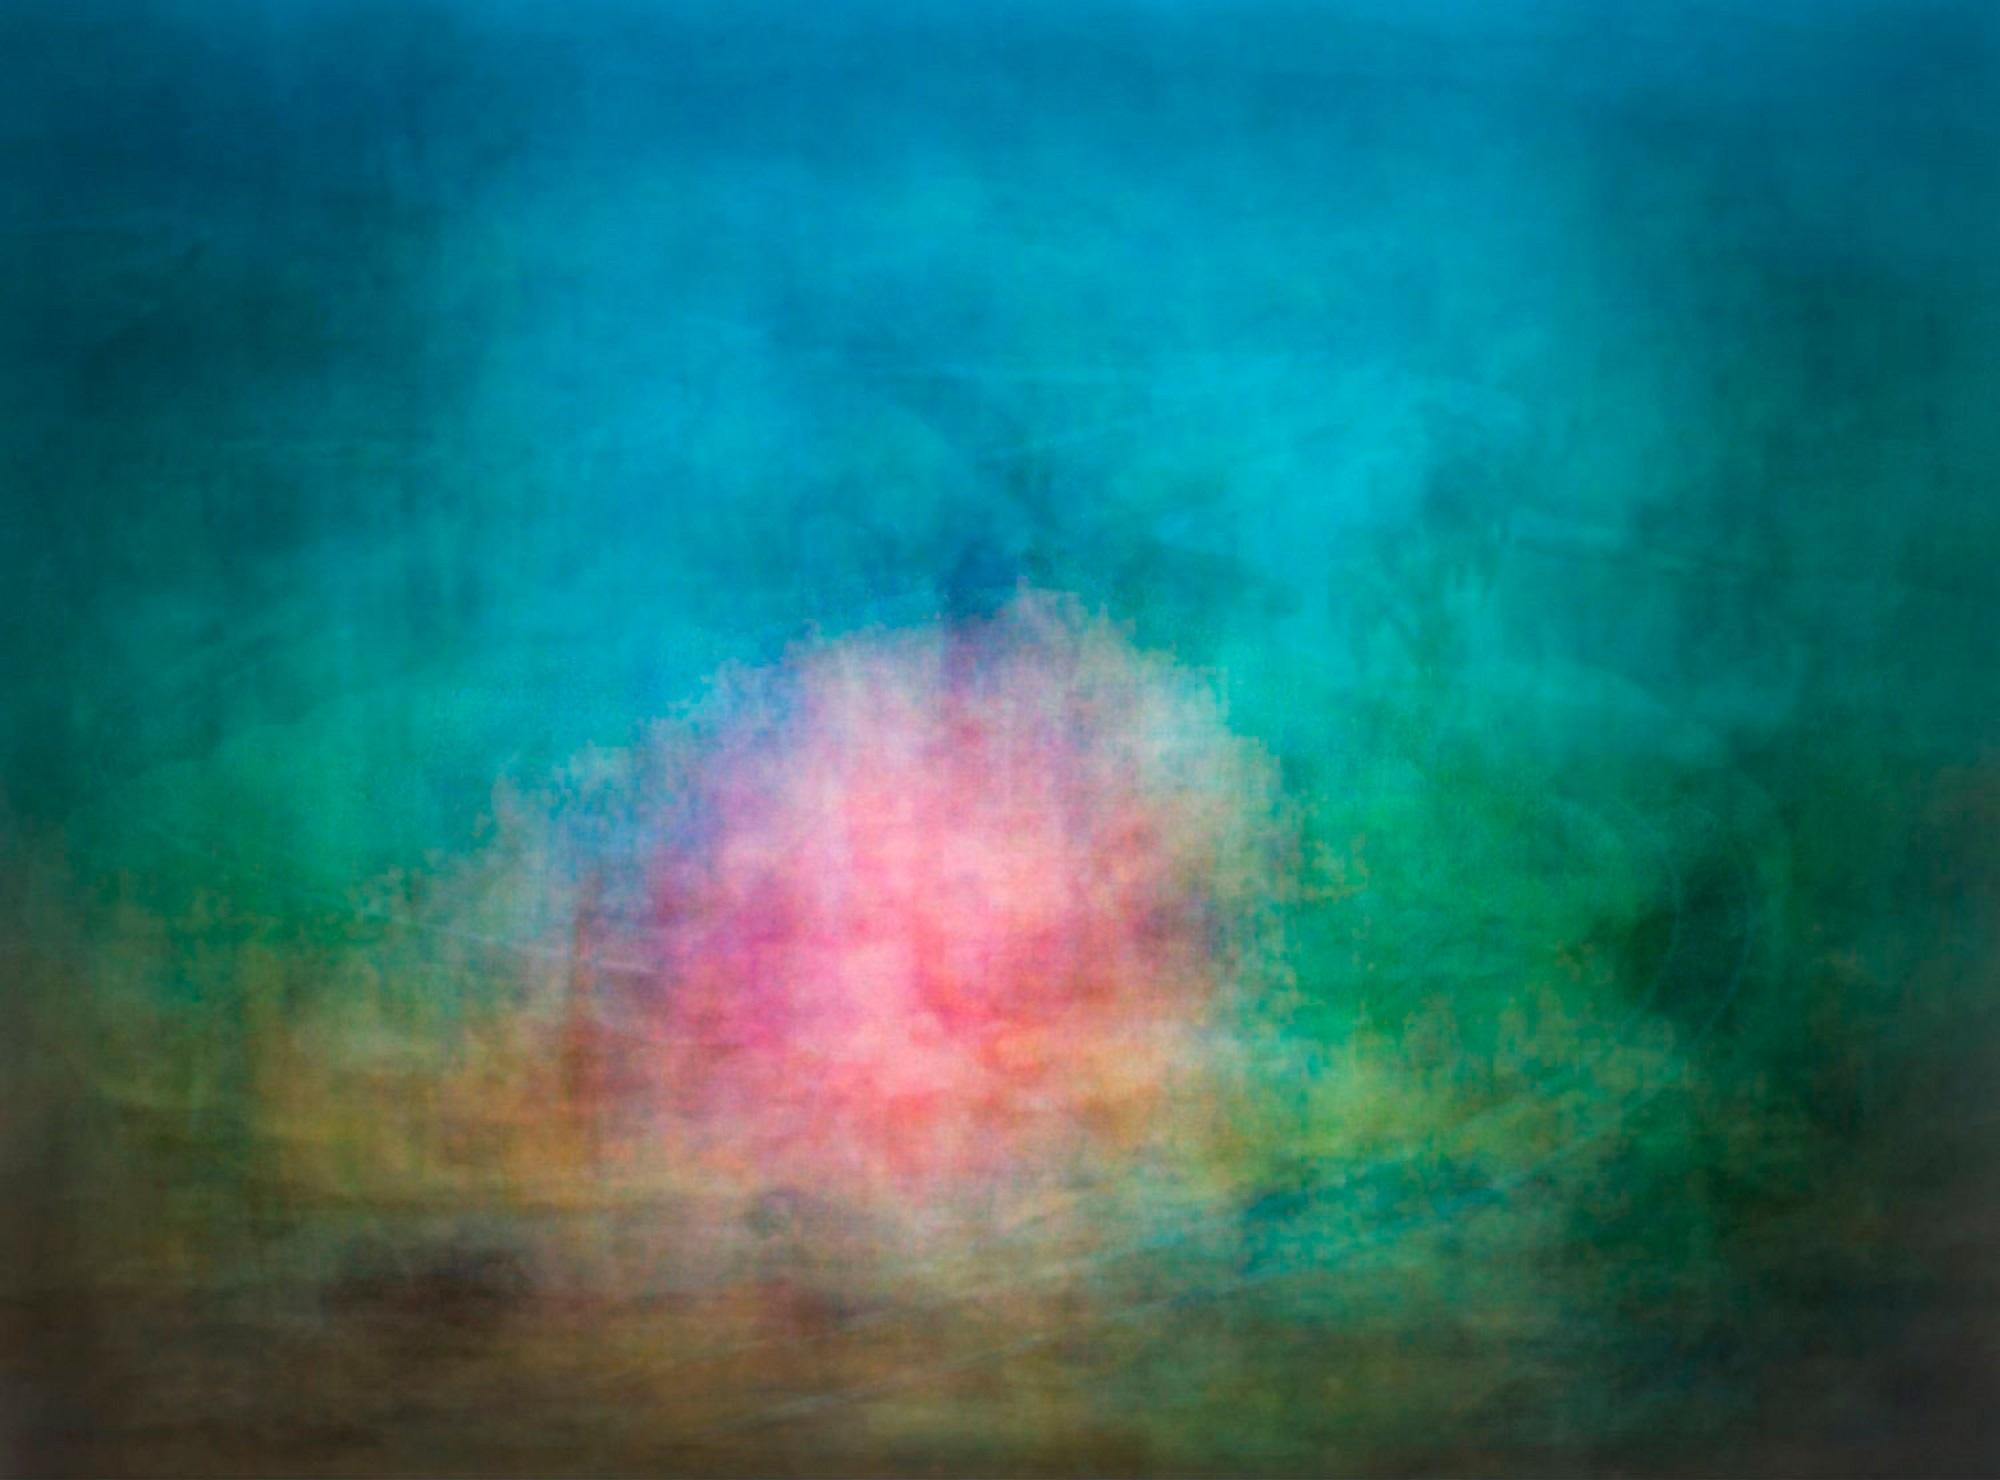 Svet u jednoj slici: apstraktne fotografije Džejsona Šulmana